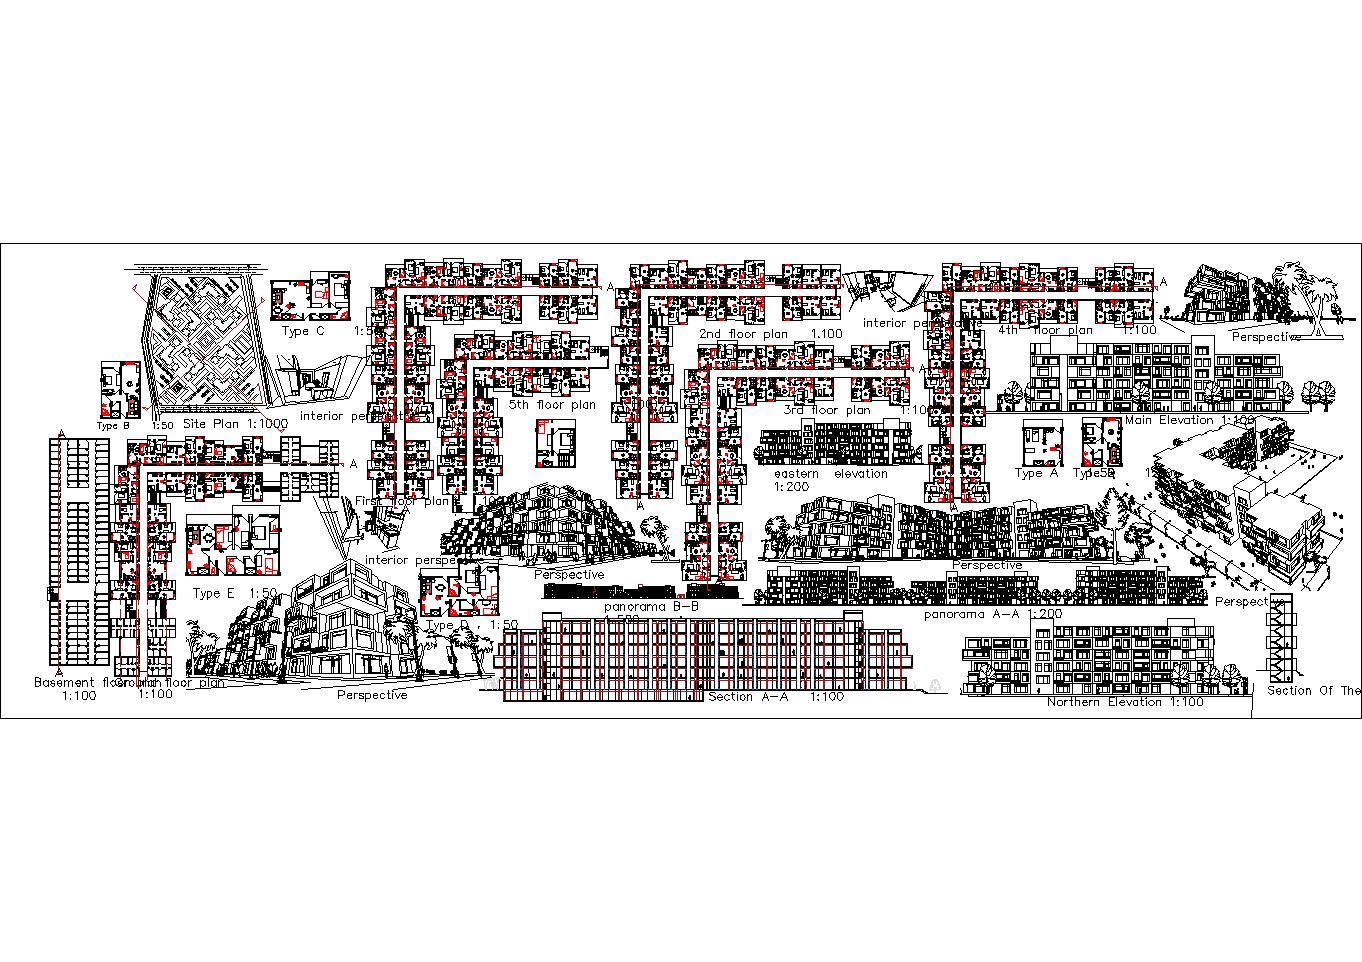 کلیه نقشه های پروژه مجتمع مسکونی سالمندان